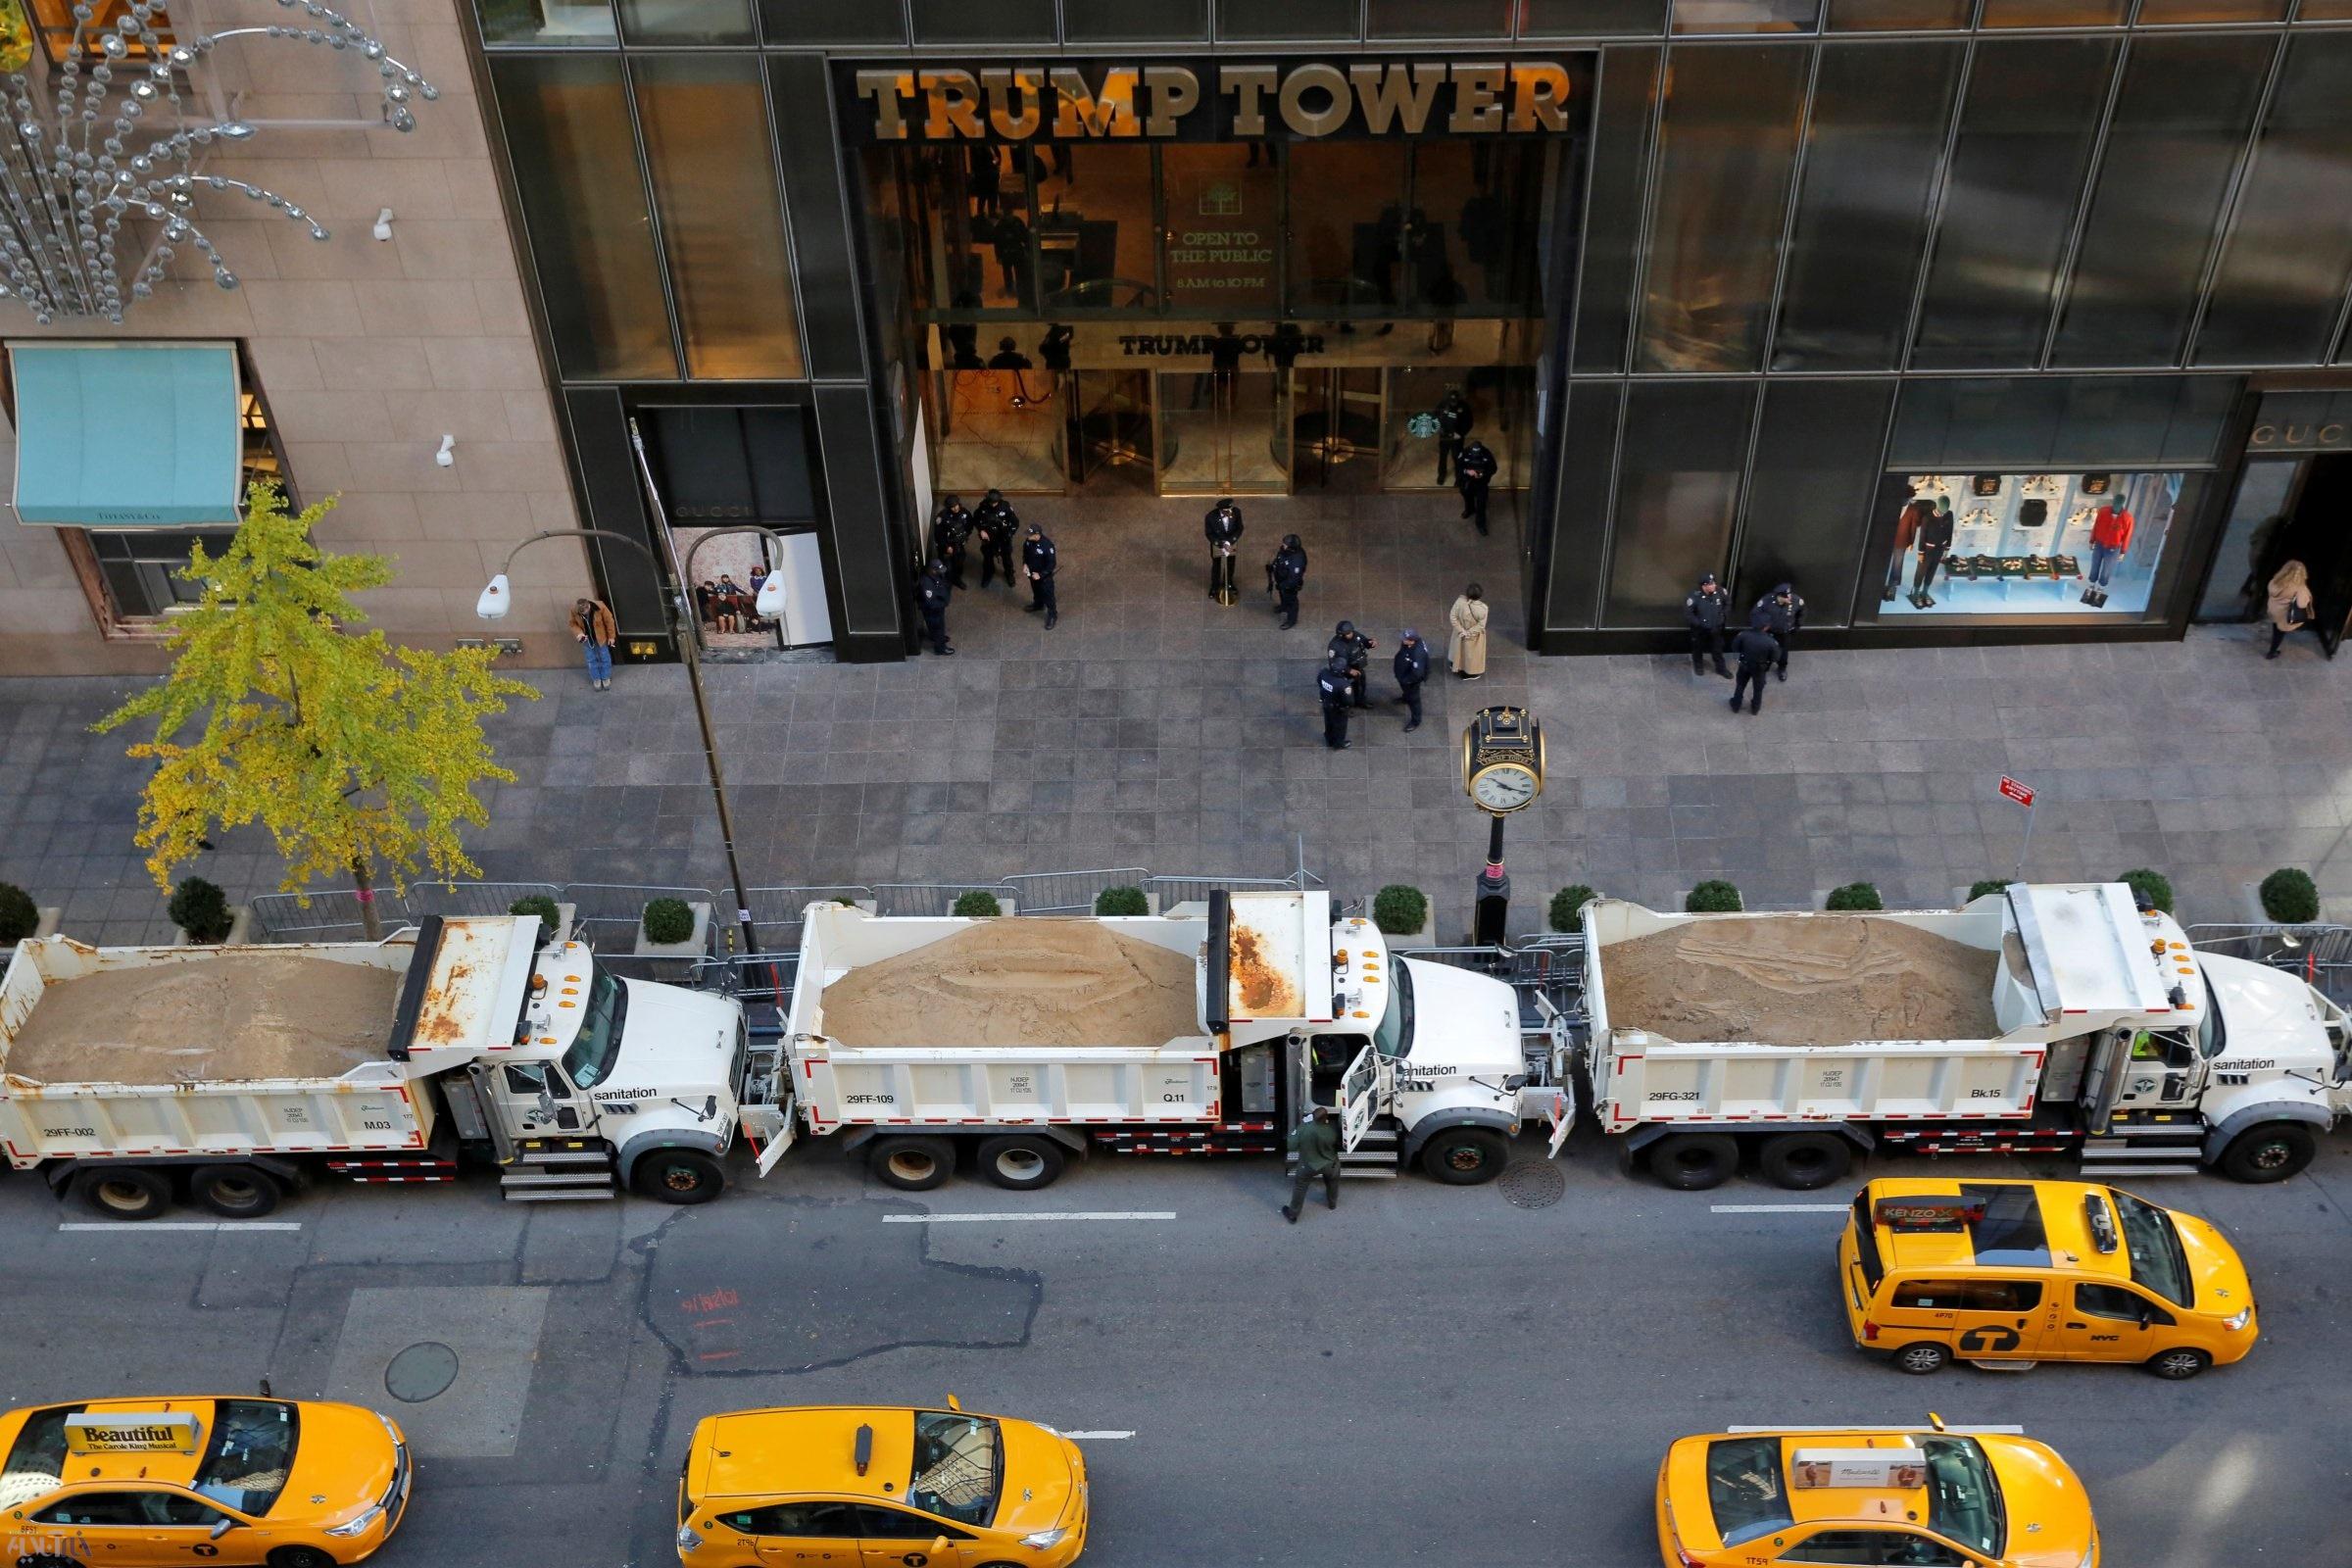 تصاویر   کامیونهای پر از شن و ماسه مقابل برج ترامپ   نگرانی از حملات تروریستی